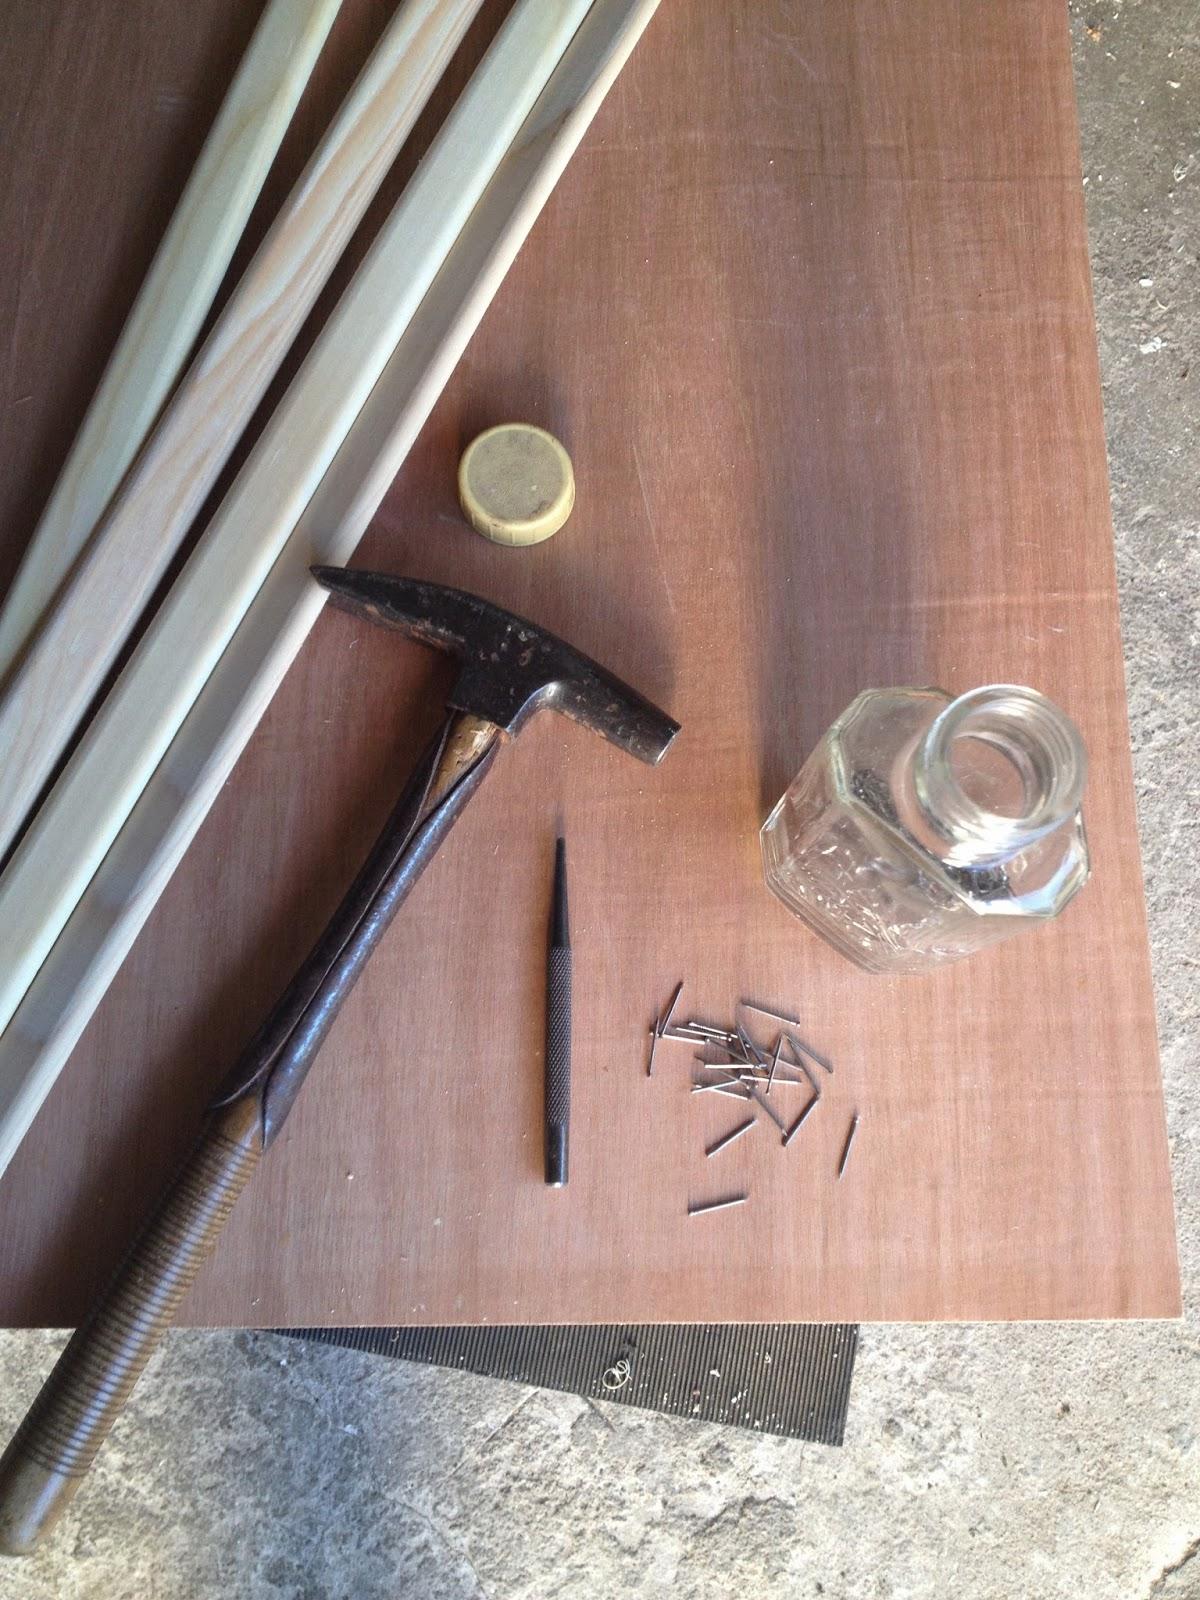 Comment transformer une table moche en une jolie table tuto - Comment utiliser la pate a bois ...